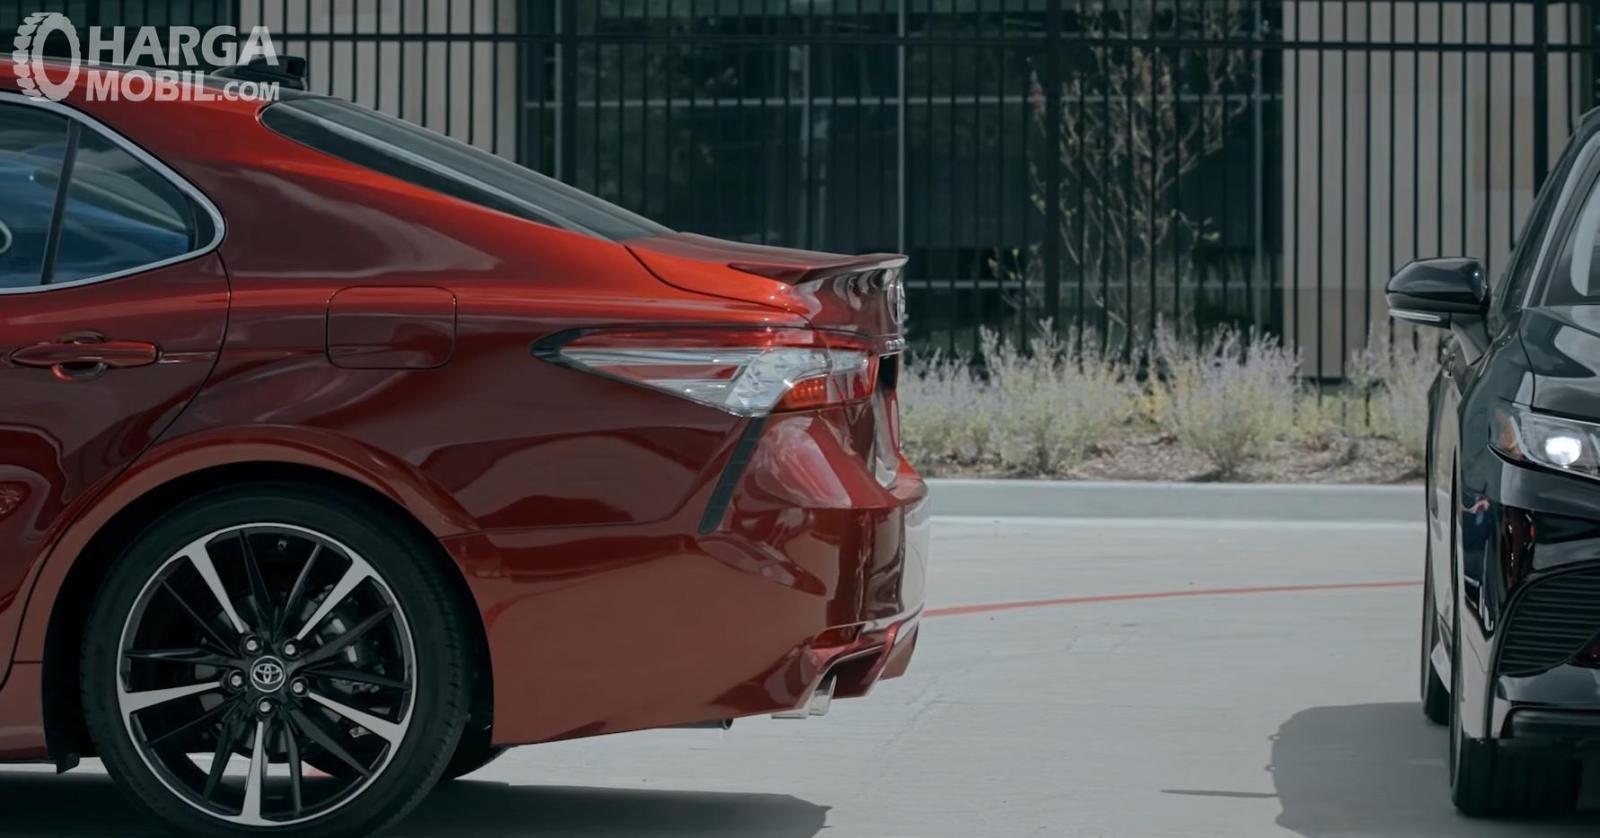 Gambar ini menunjukkan bodi belakang dan bodi samping mobil